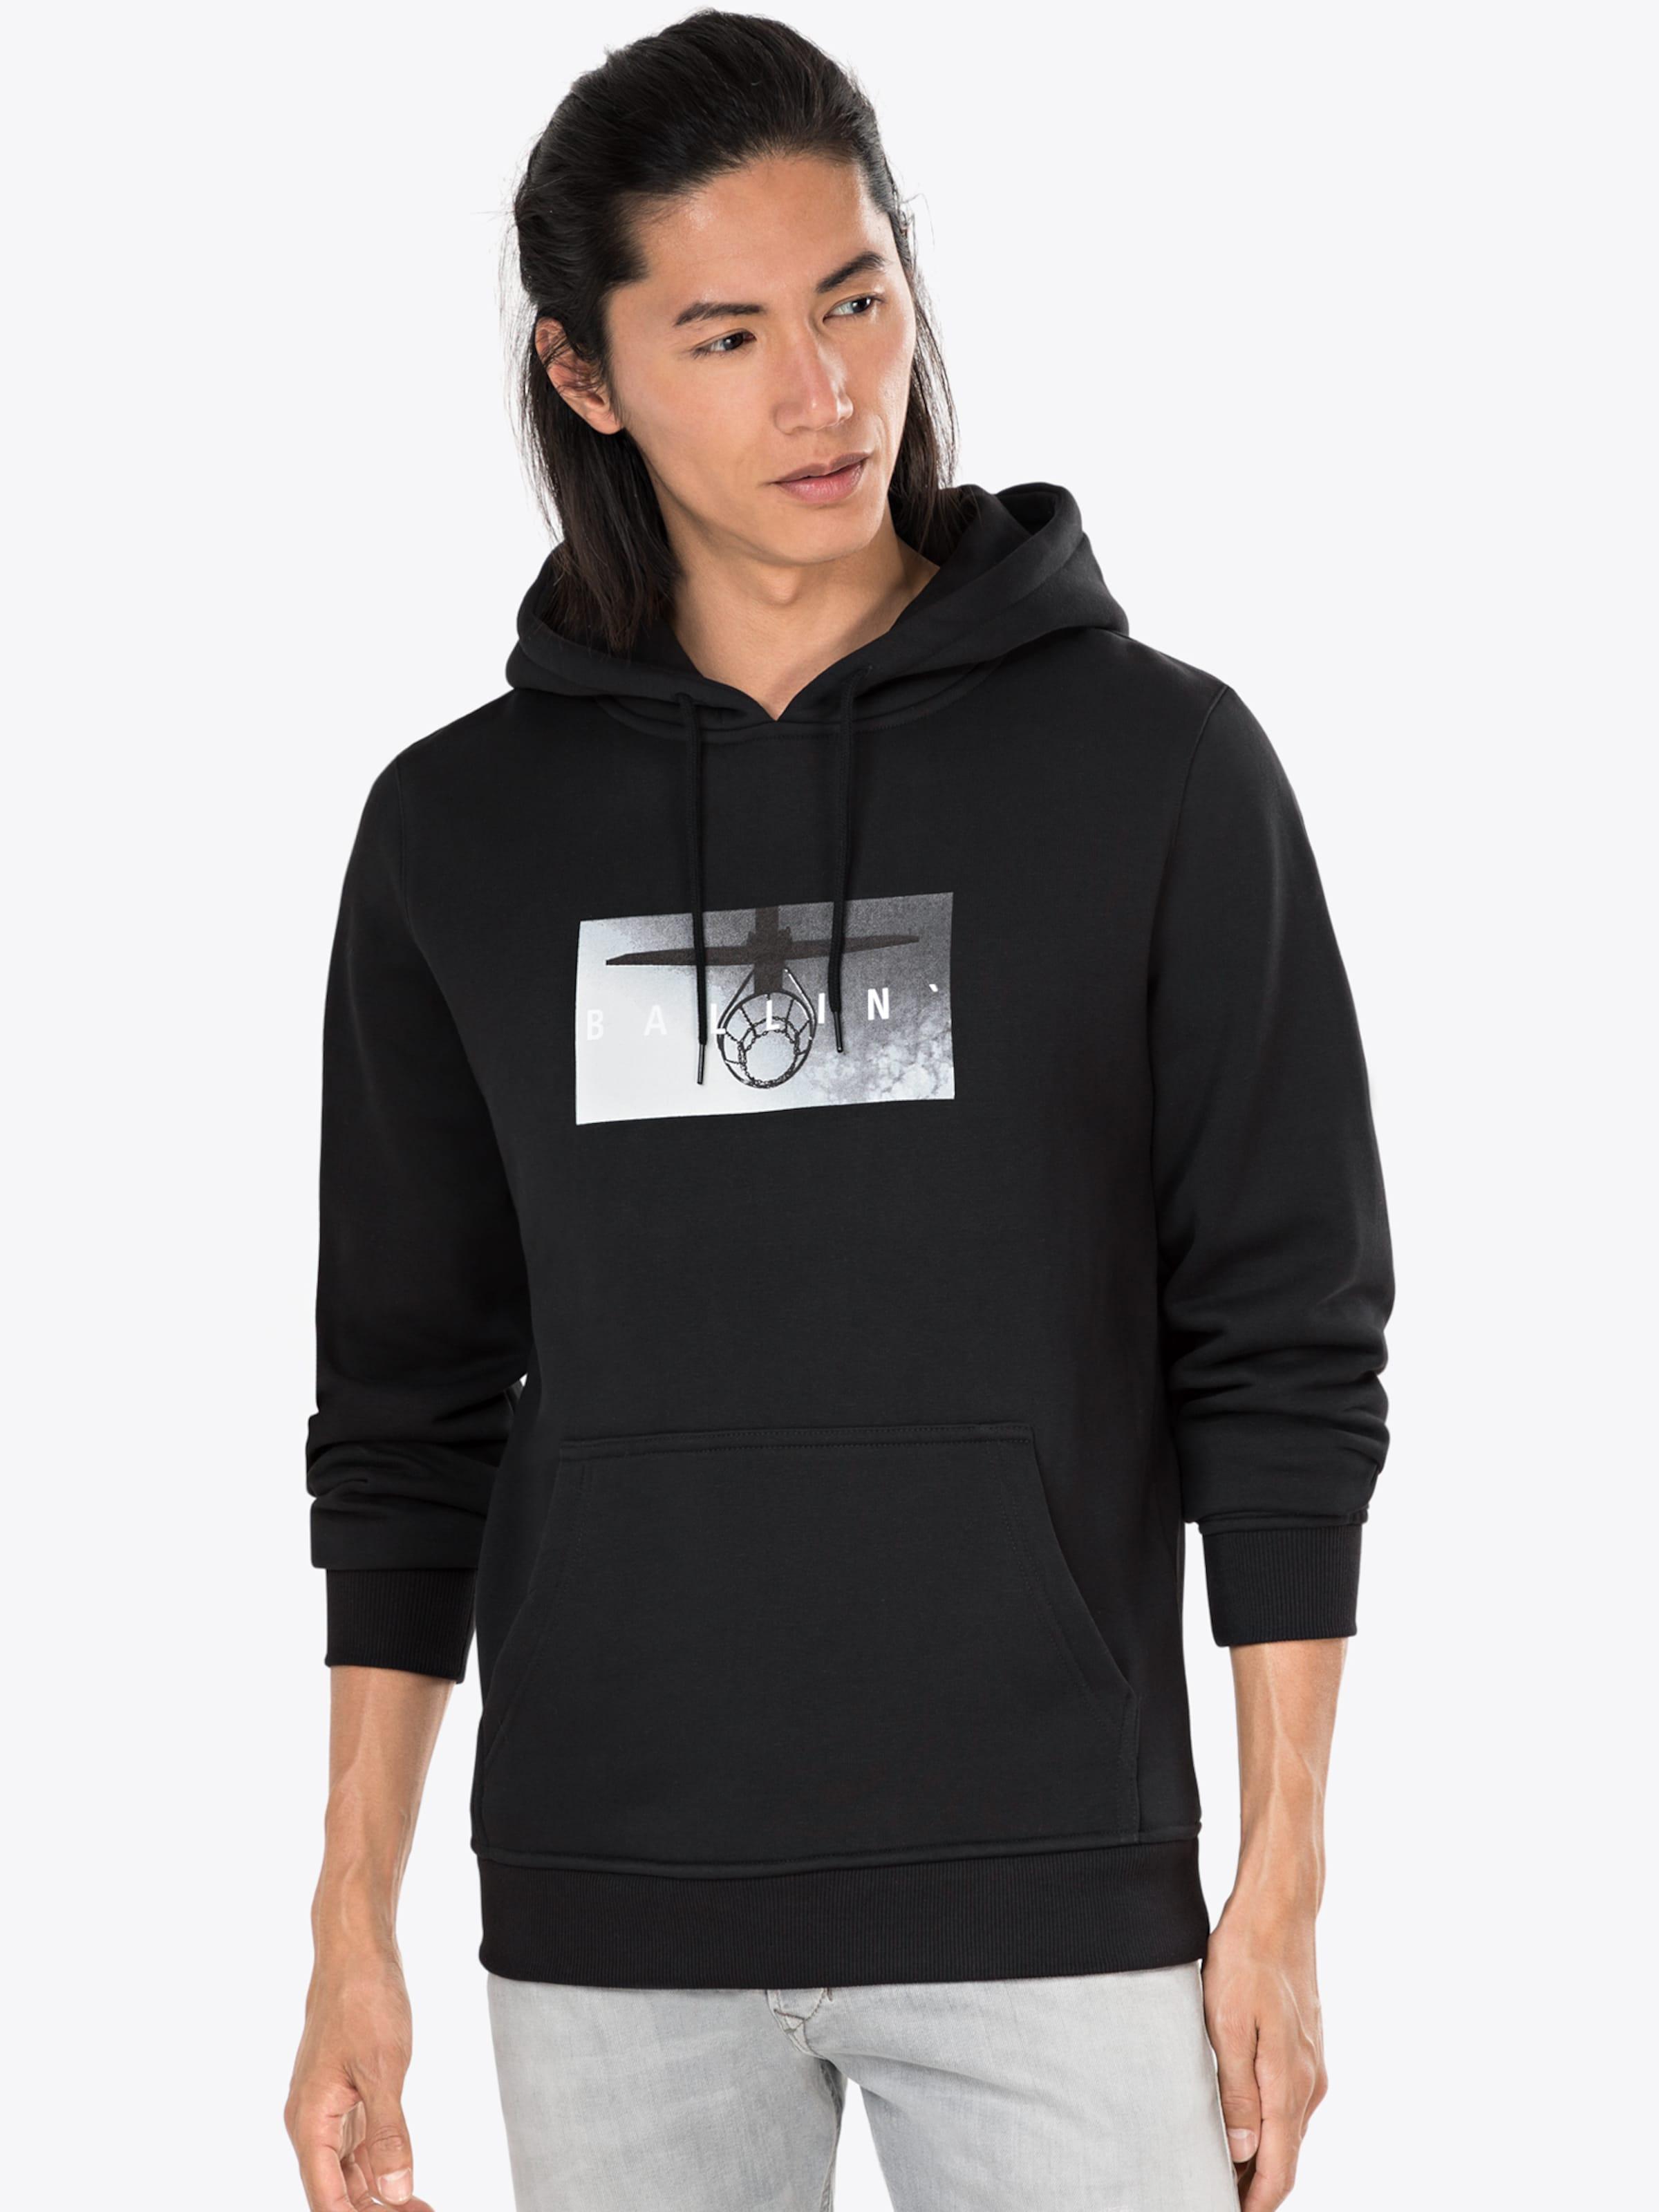 Hoody' Sweatshirt Tee Schwarz 'ballin Mister In l1cFKJu3T